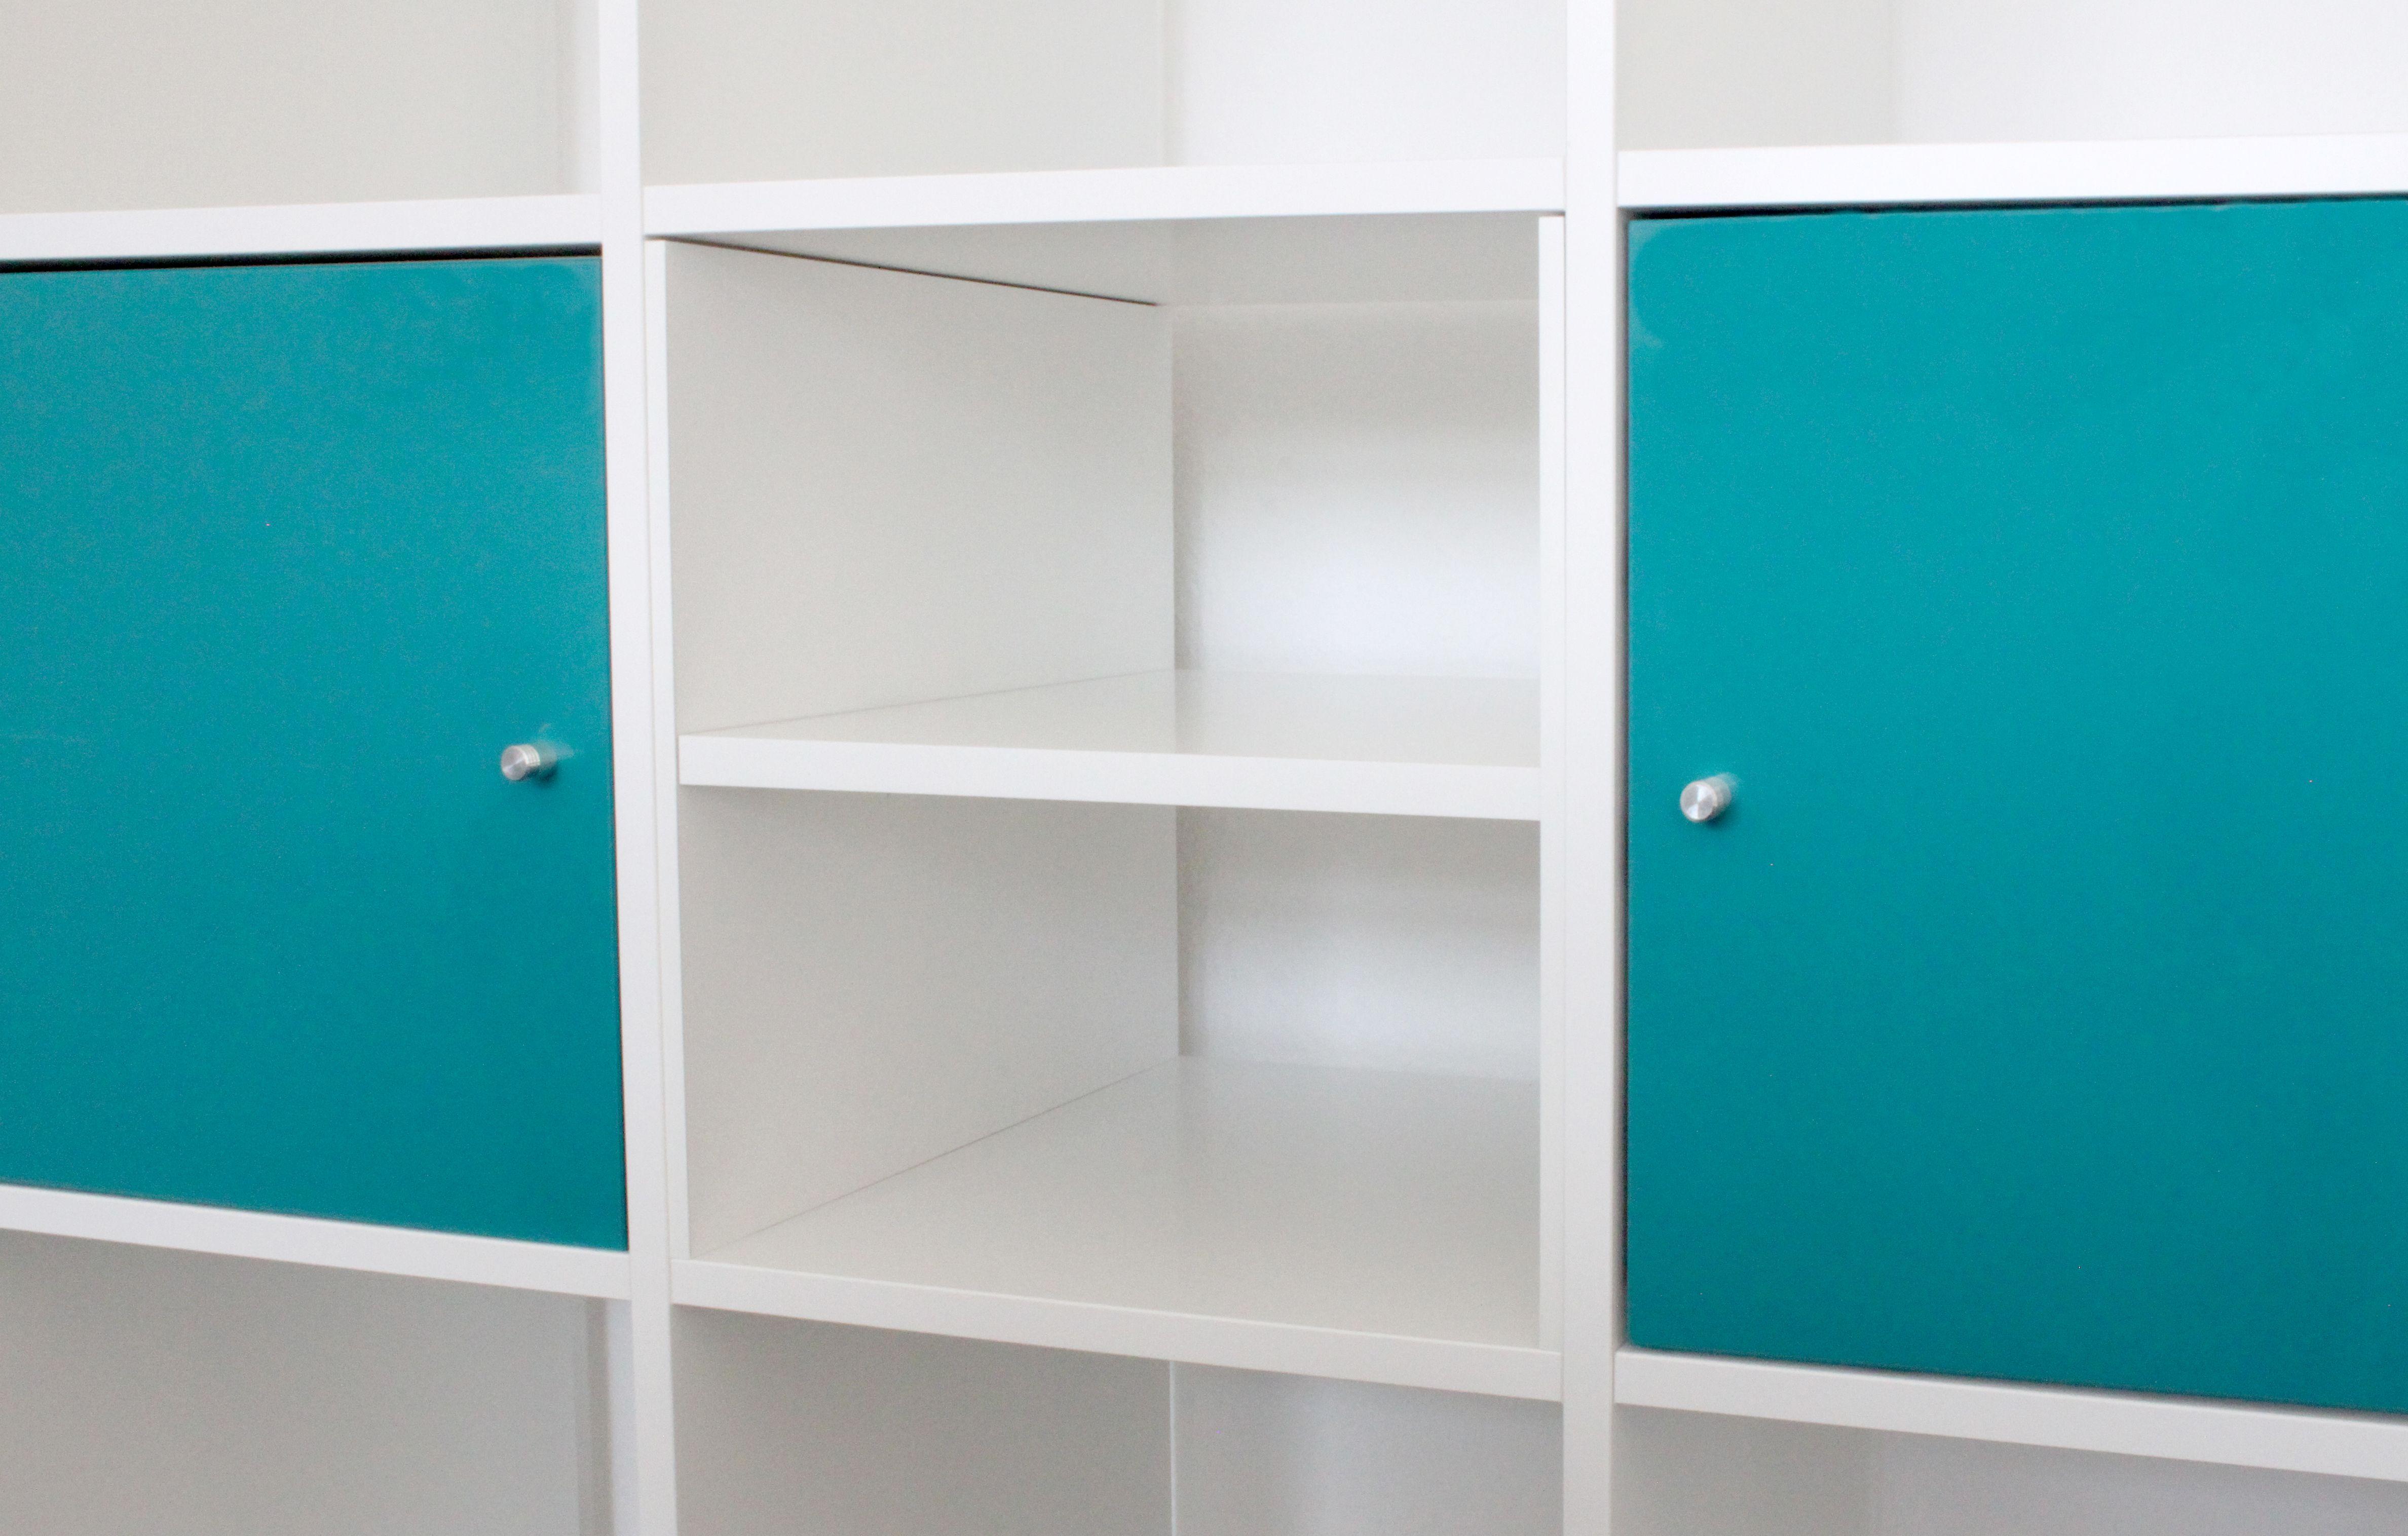 Schön Schallplatten Regal Ikea Schema